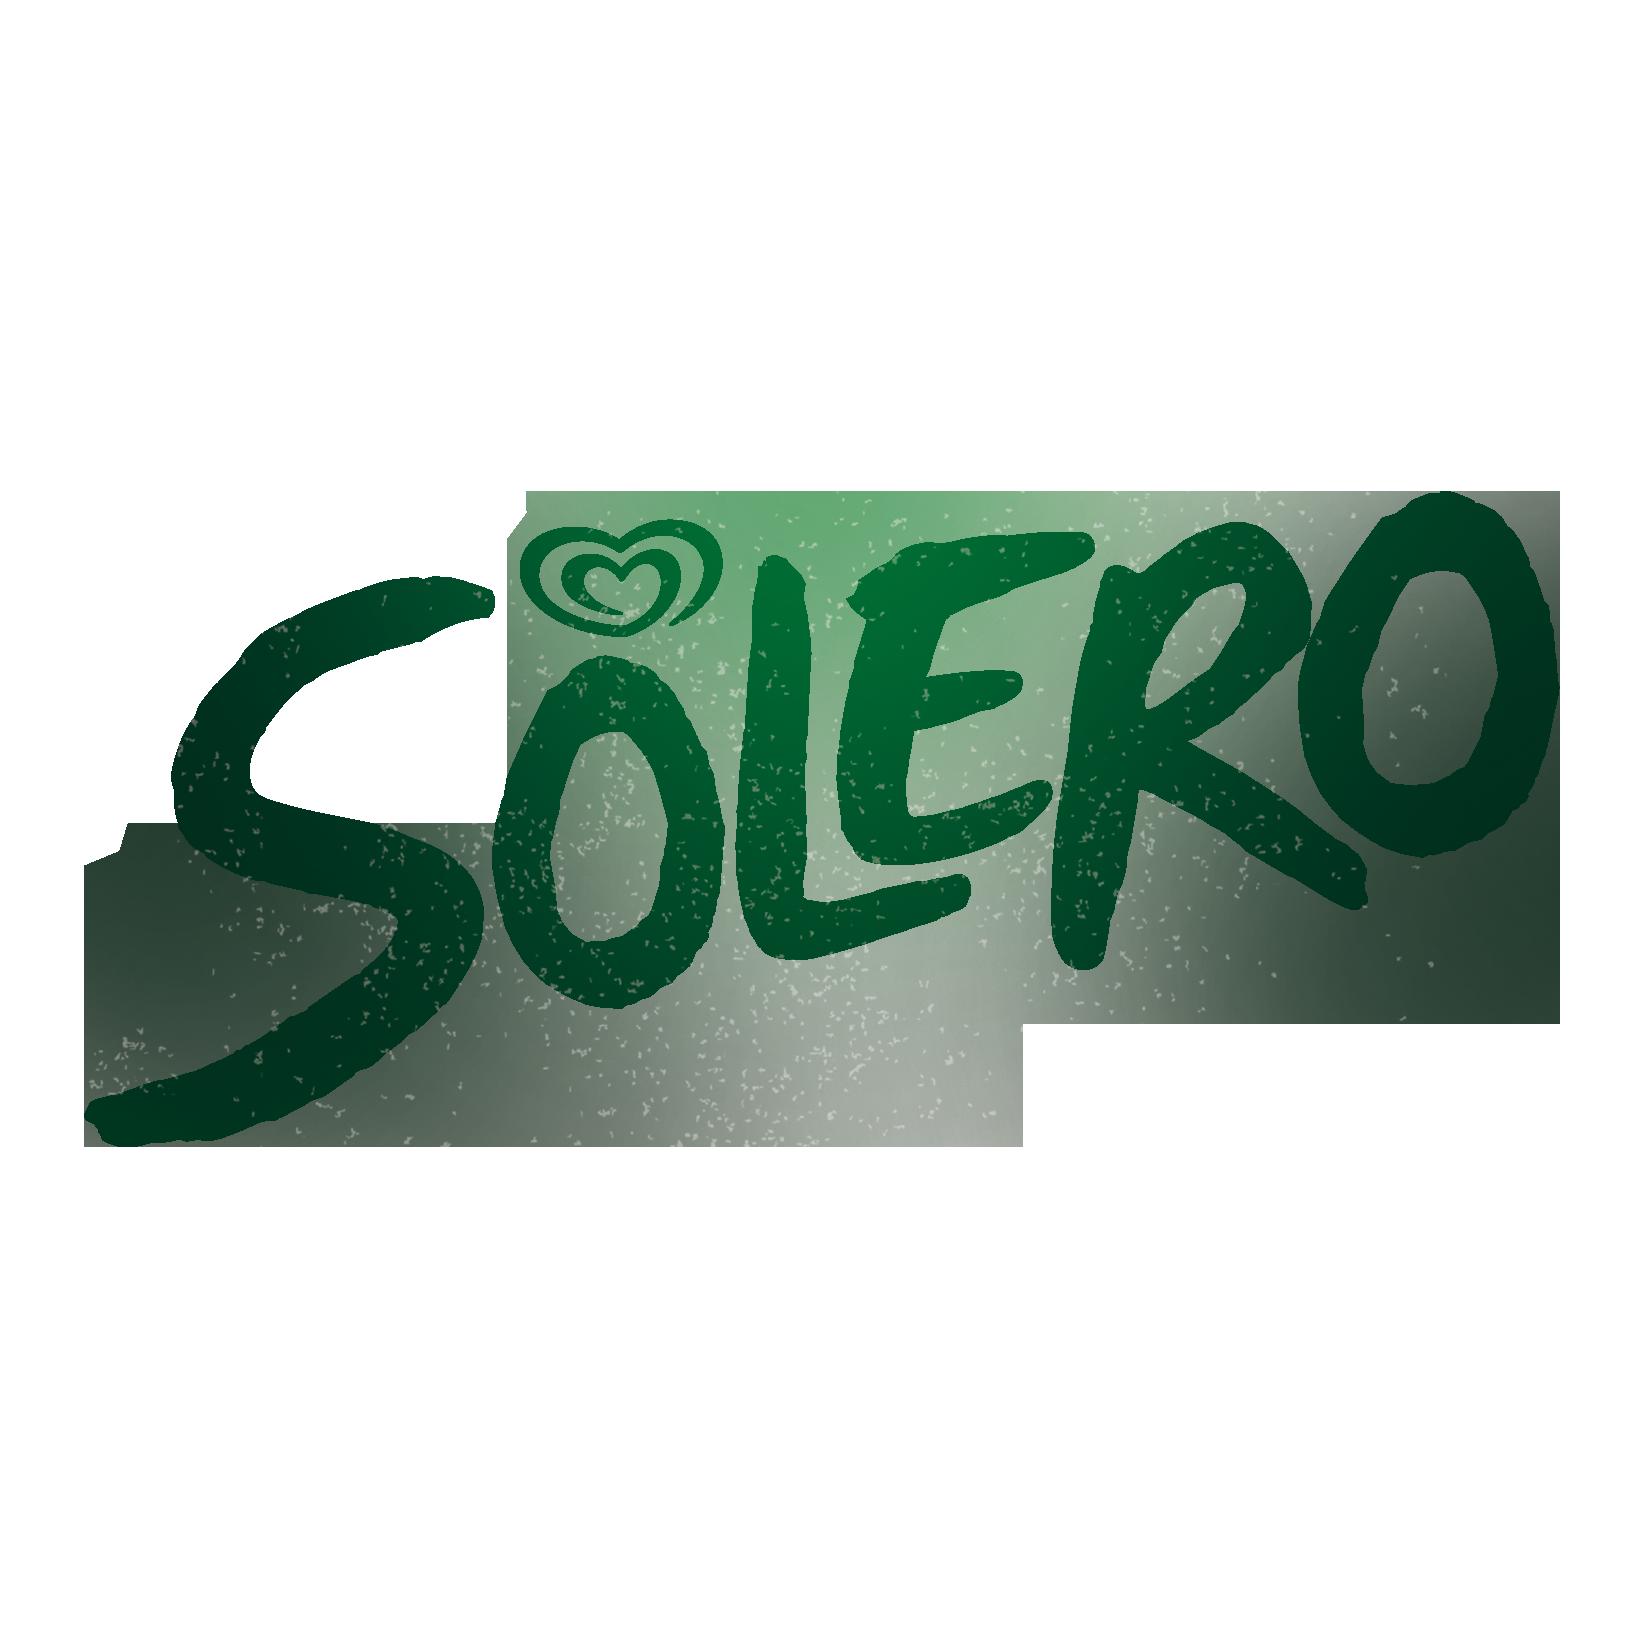 Logo Solero verde cuadrado 1 - Inicio